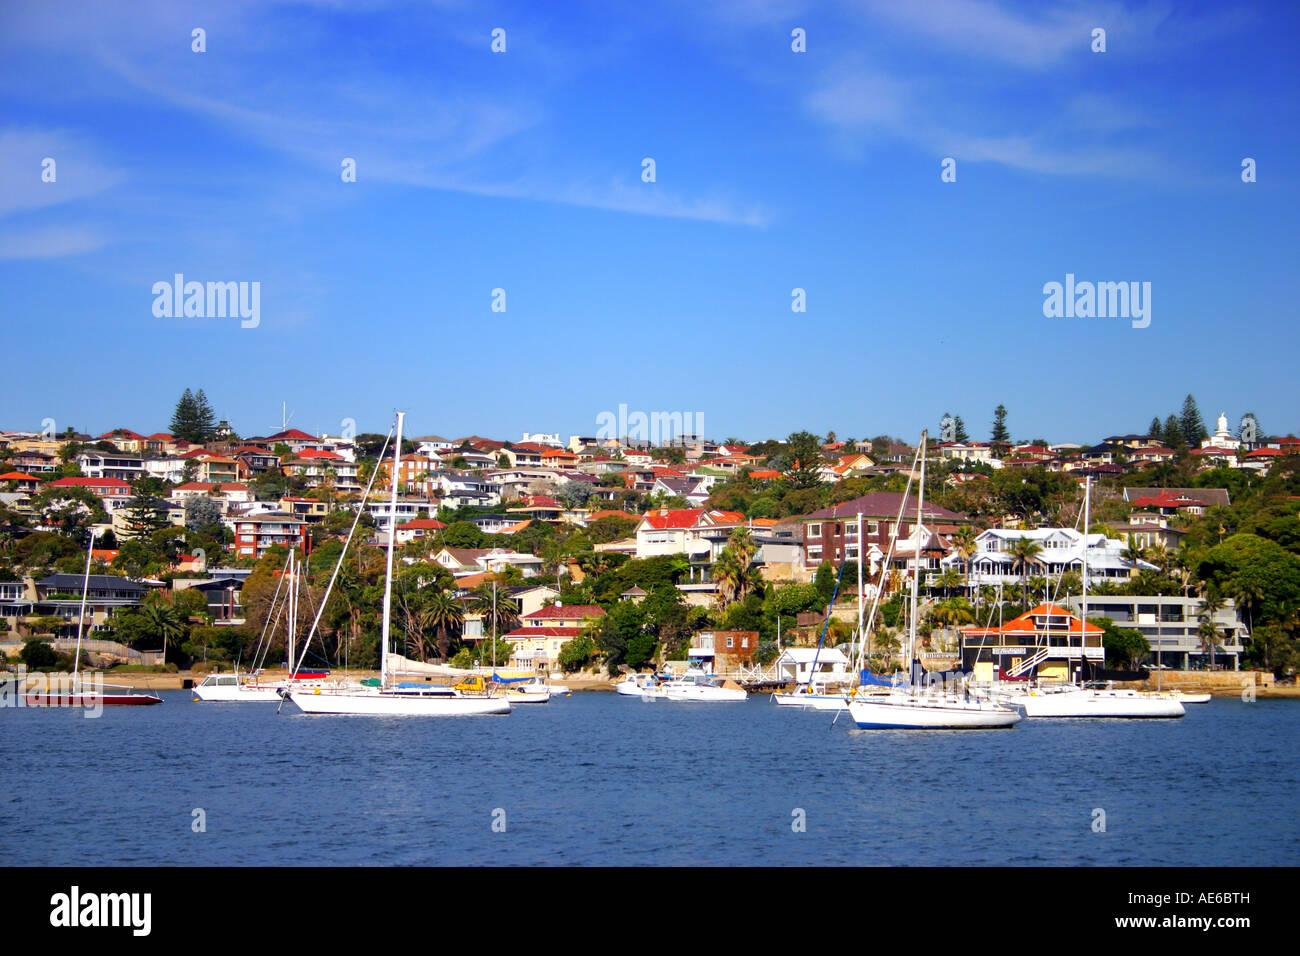 Watsons Bay, NSW, Australia - Stock Image